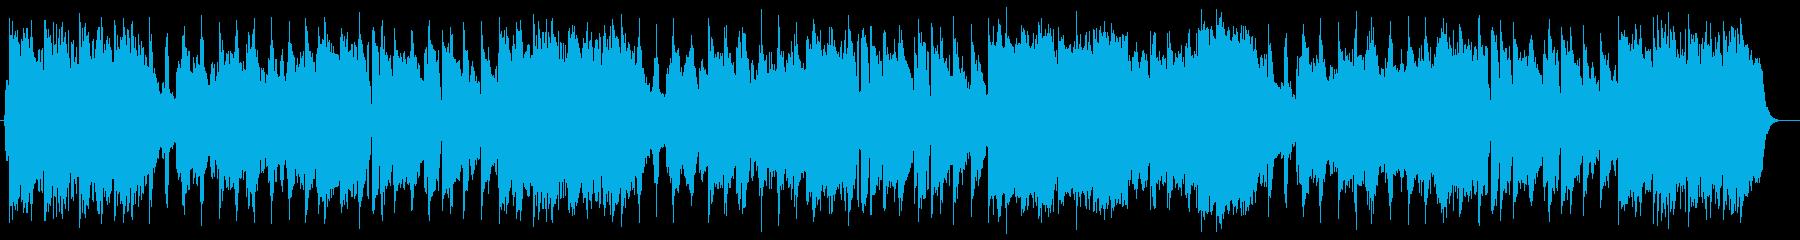 壮大で可愛らしいミュージックの再生済みの波形